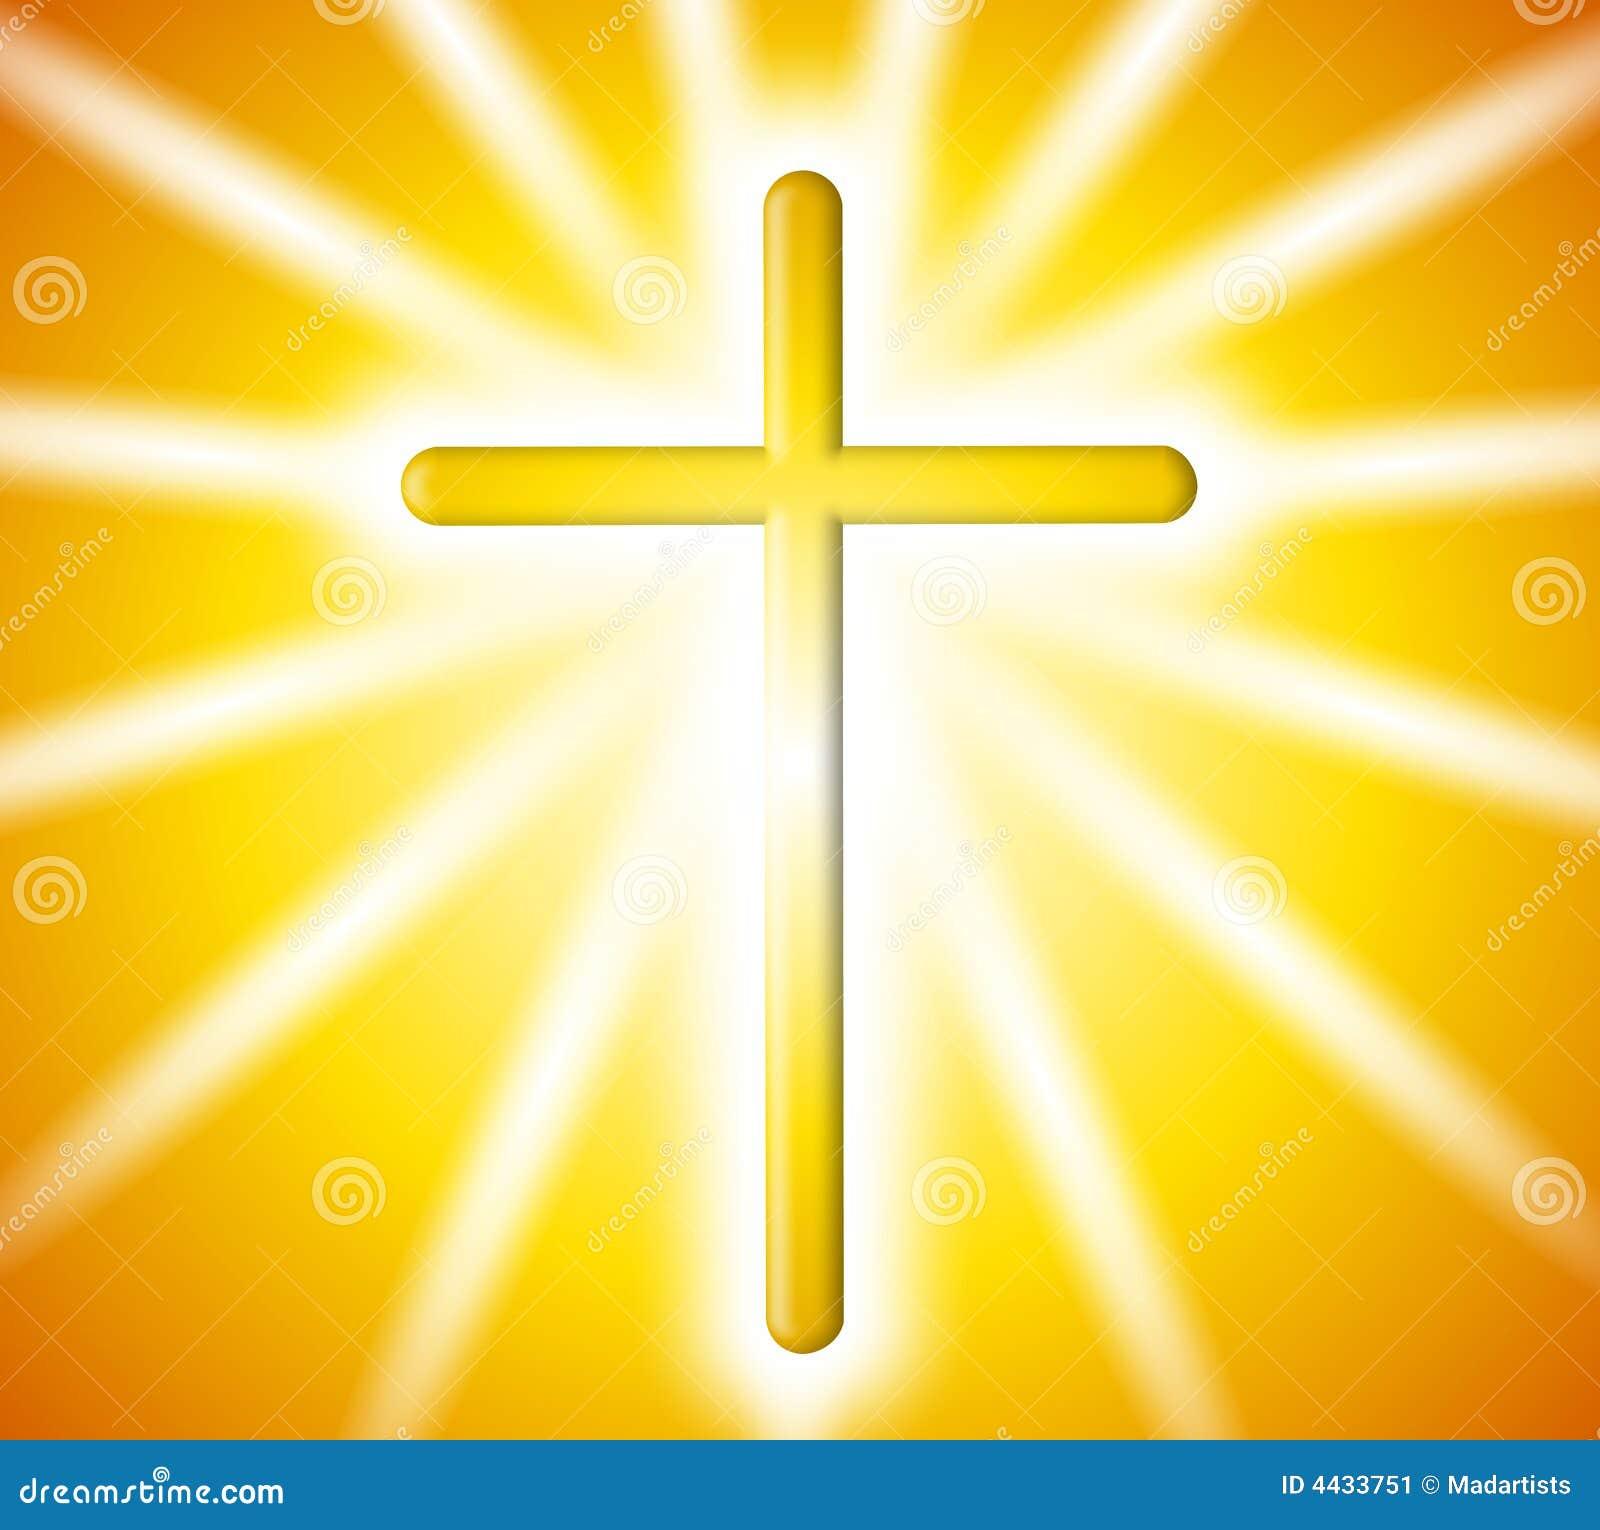 Golden Cross Light Rays Background Stock Illustration